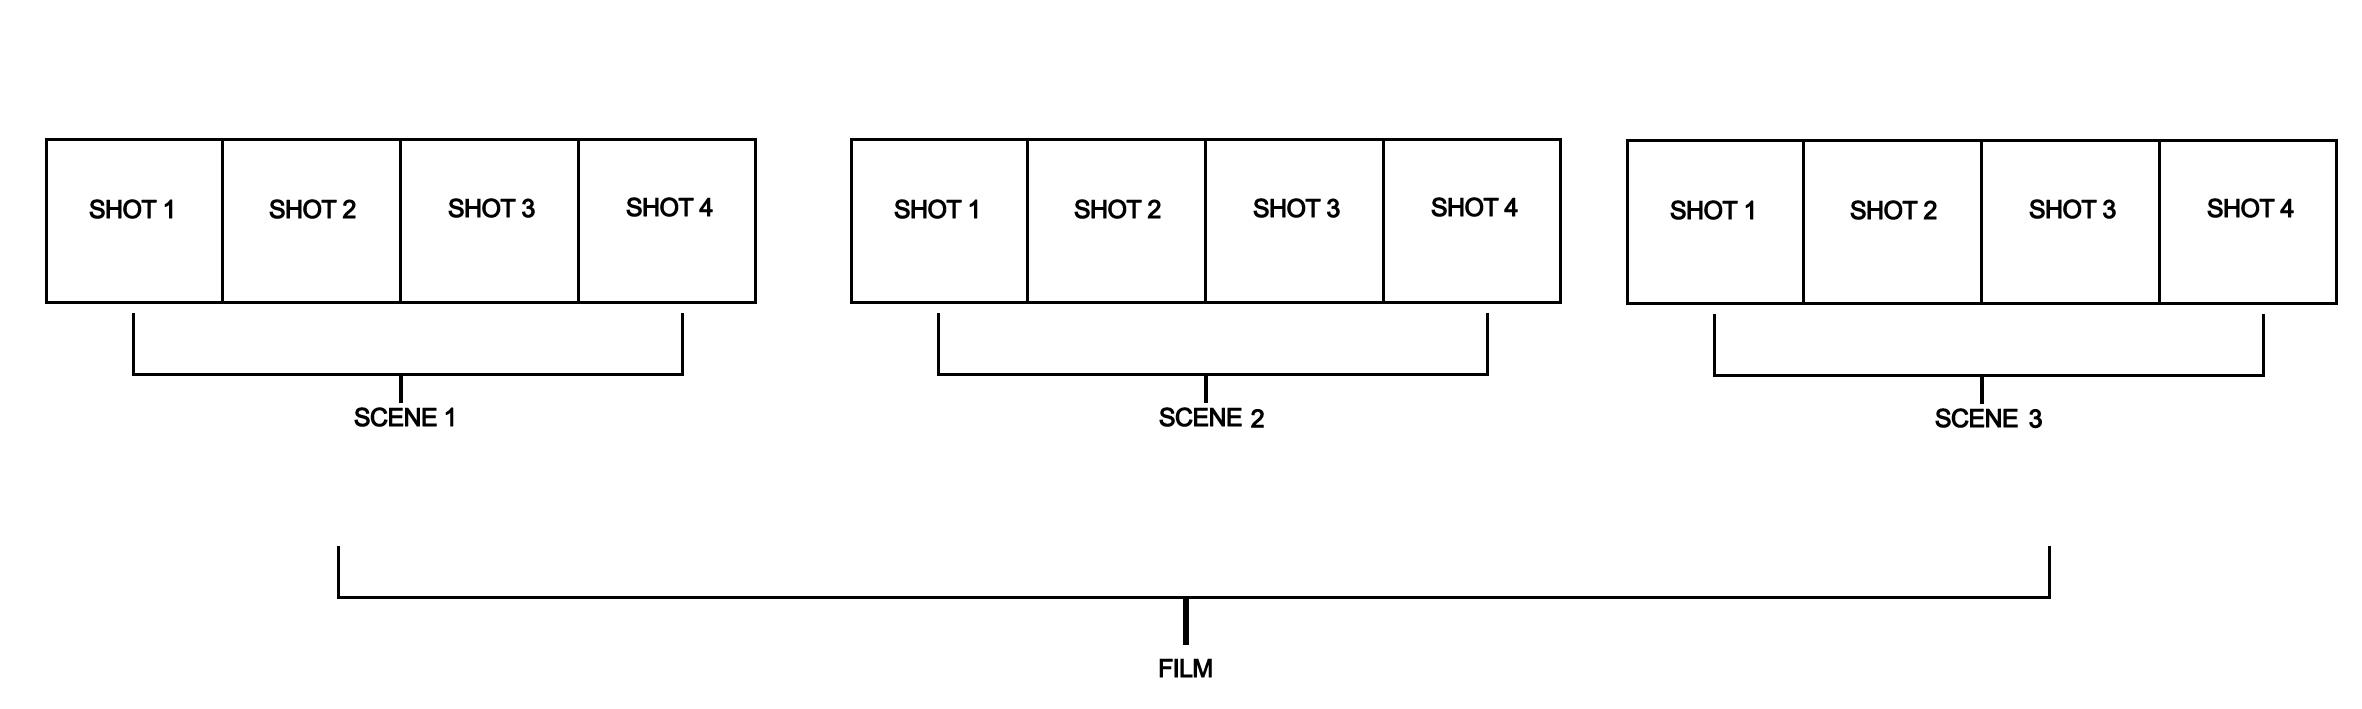 Ch04_P02&25_scenes_into_film